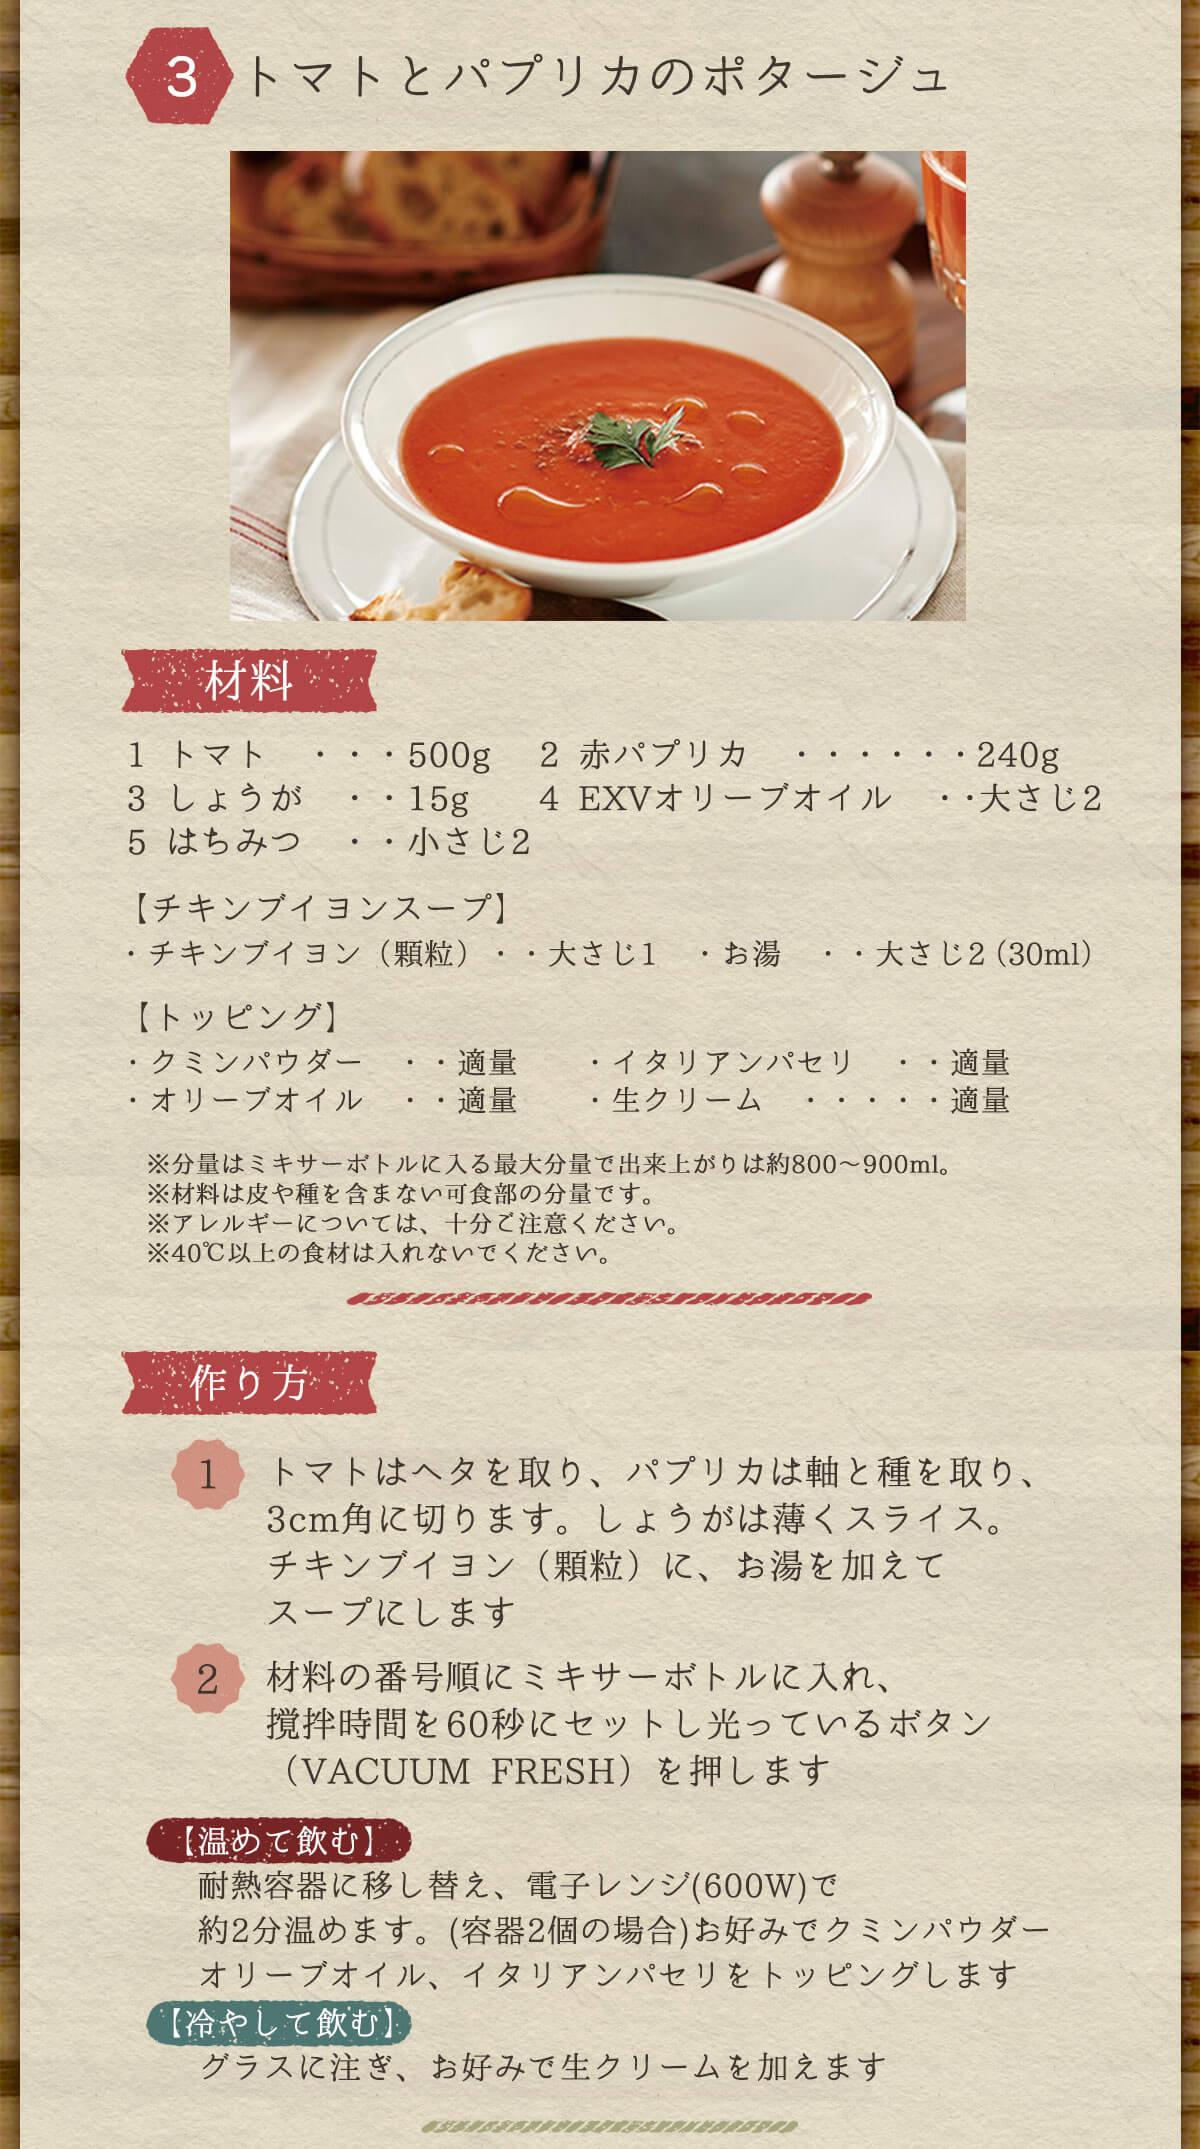 トマトとパプリカのポタージュのレシピ